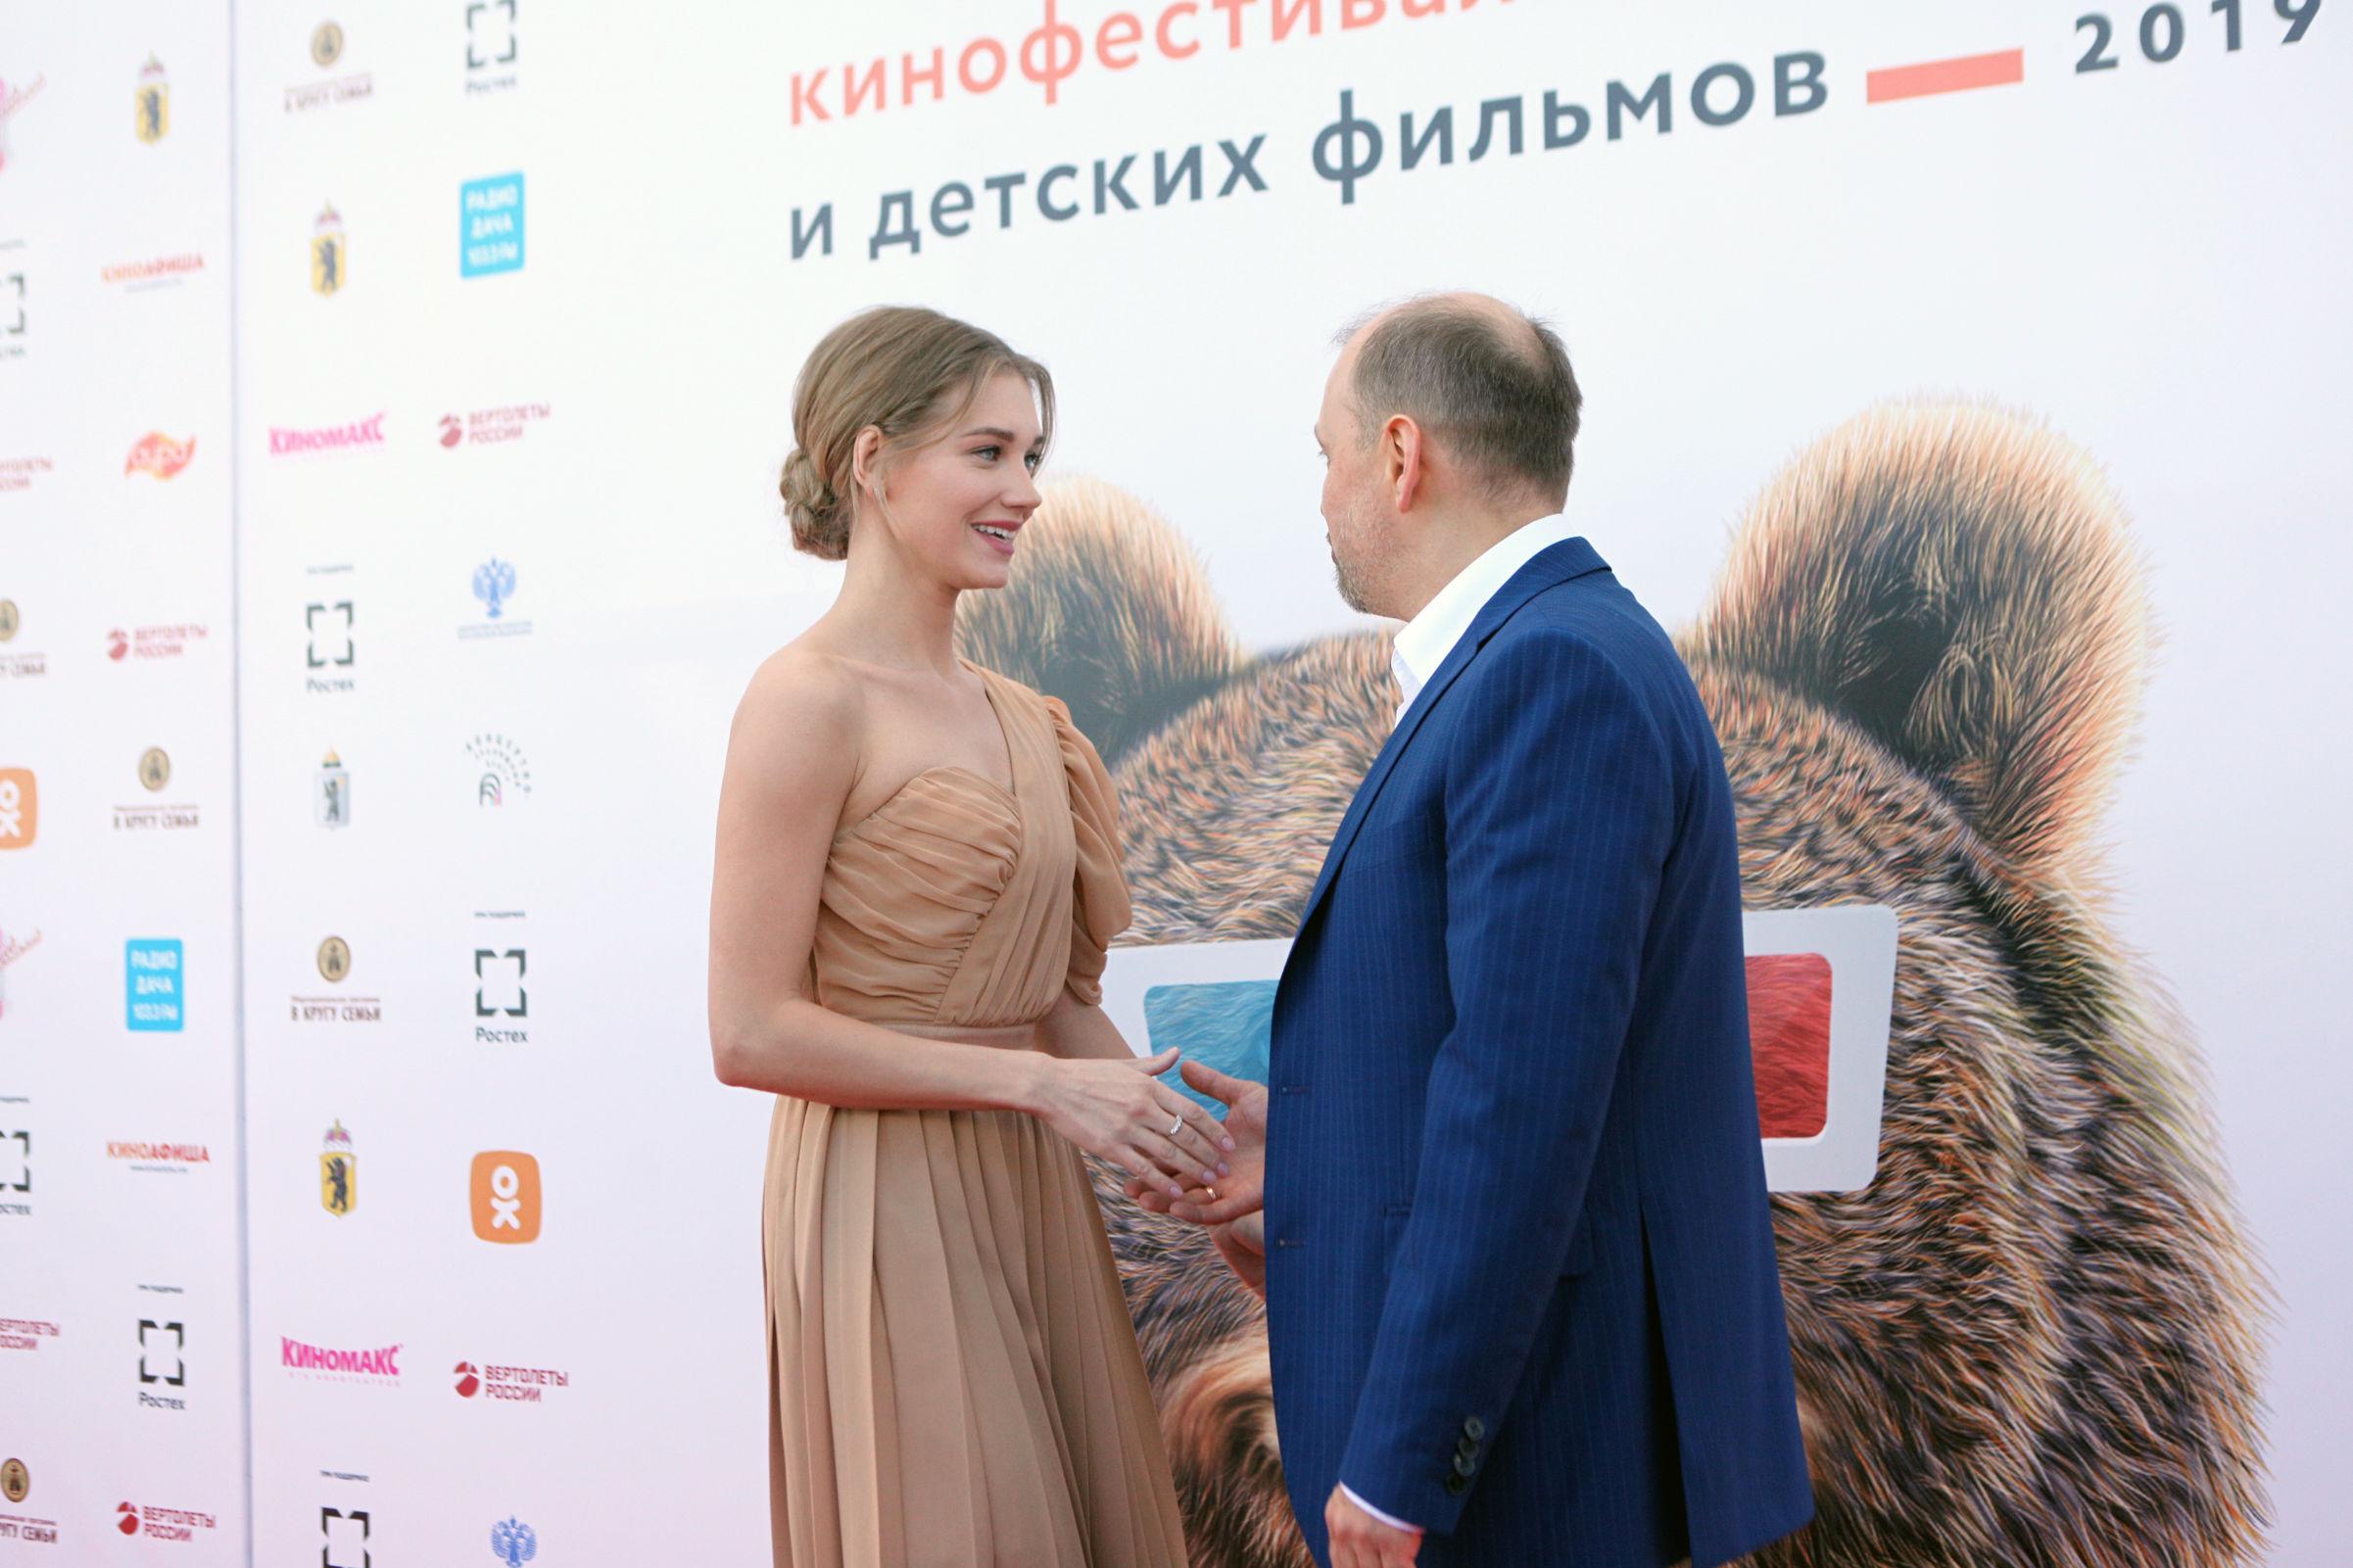 Асмус, Вдовиченков и «Сплин» в Ярославле: открылся международный кинофестиваль – фото и видео